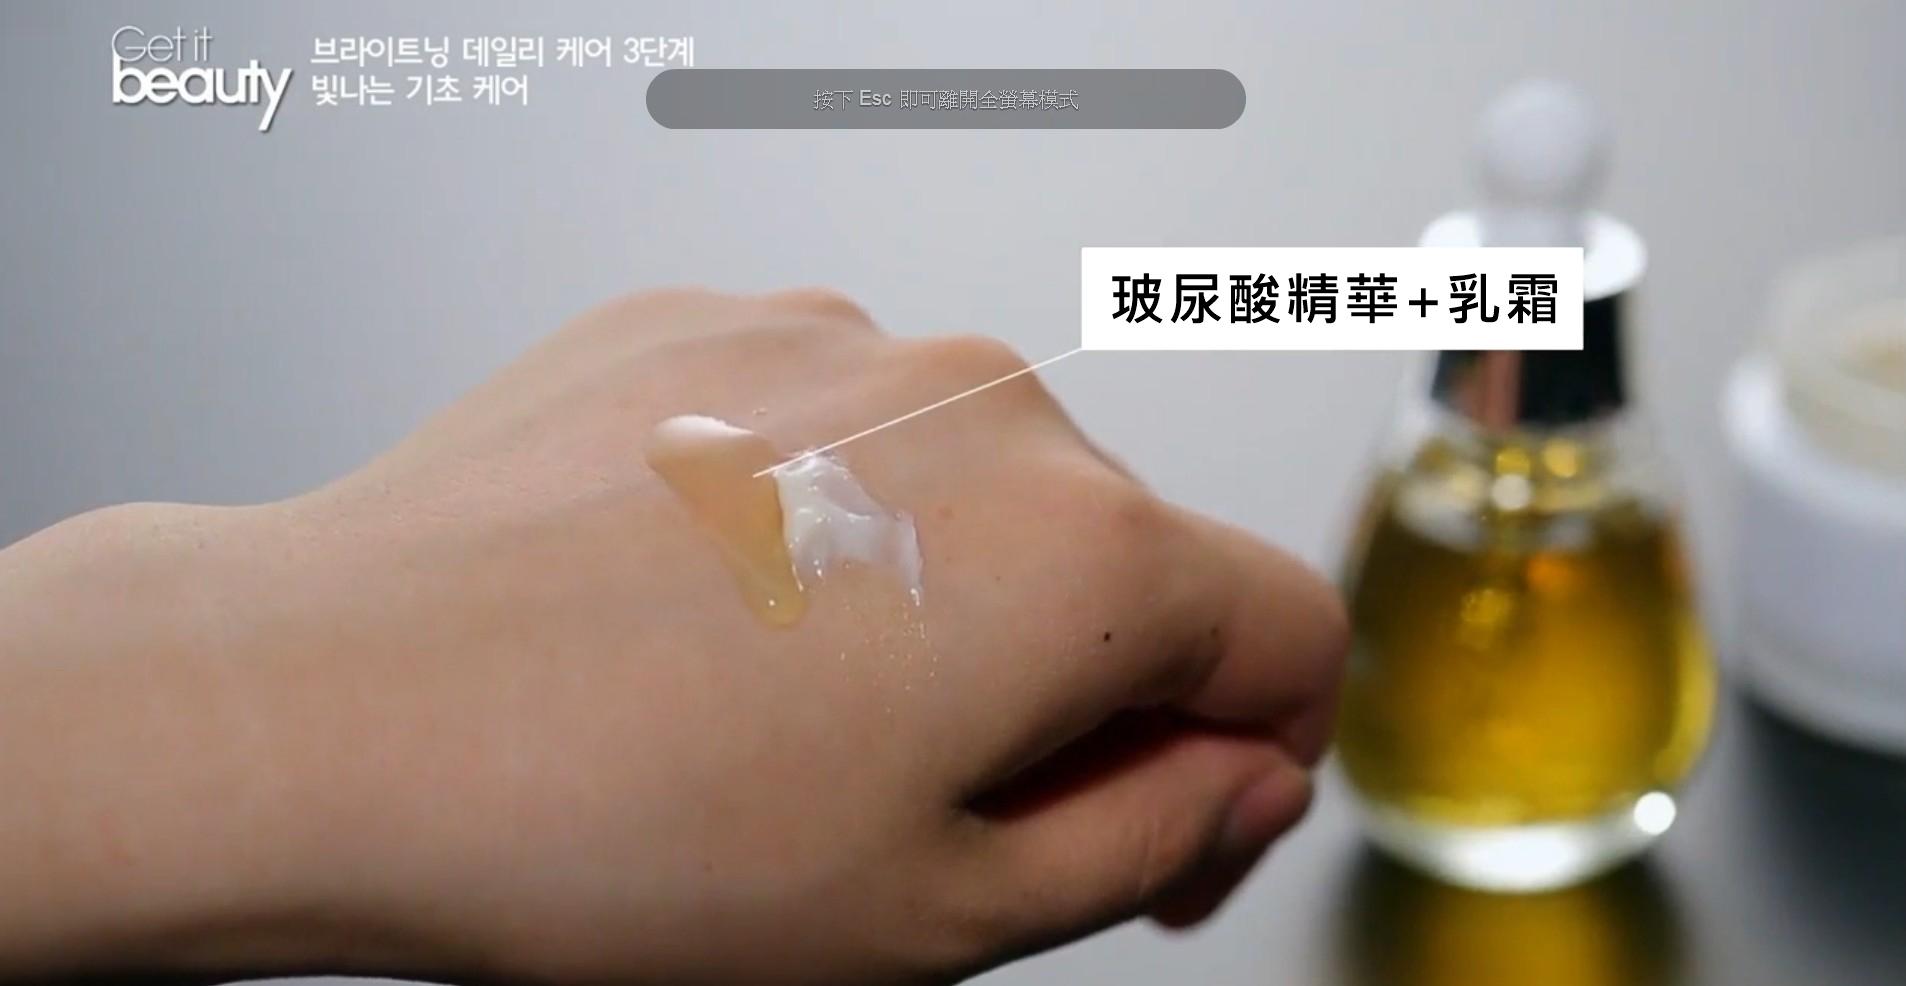 接著在玻尿酸精華液中加入一點乳霜,融合後輕拍在黑眼圈與黑色素沉澱的部分